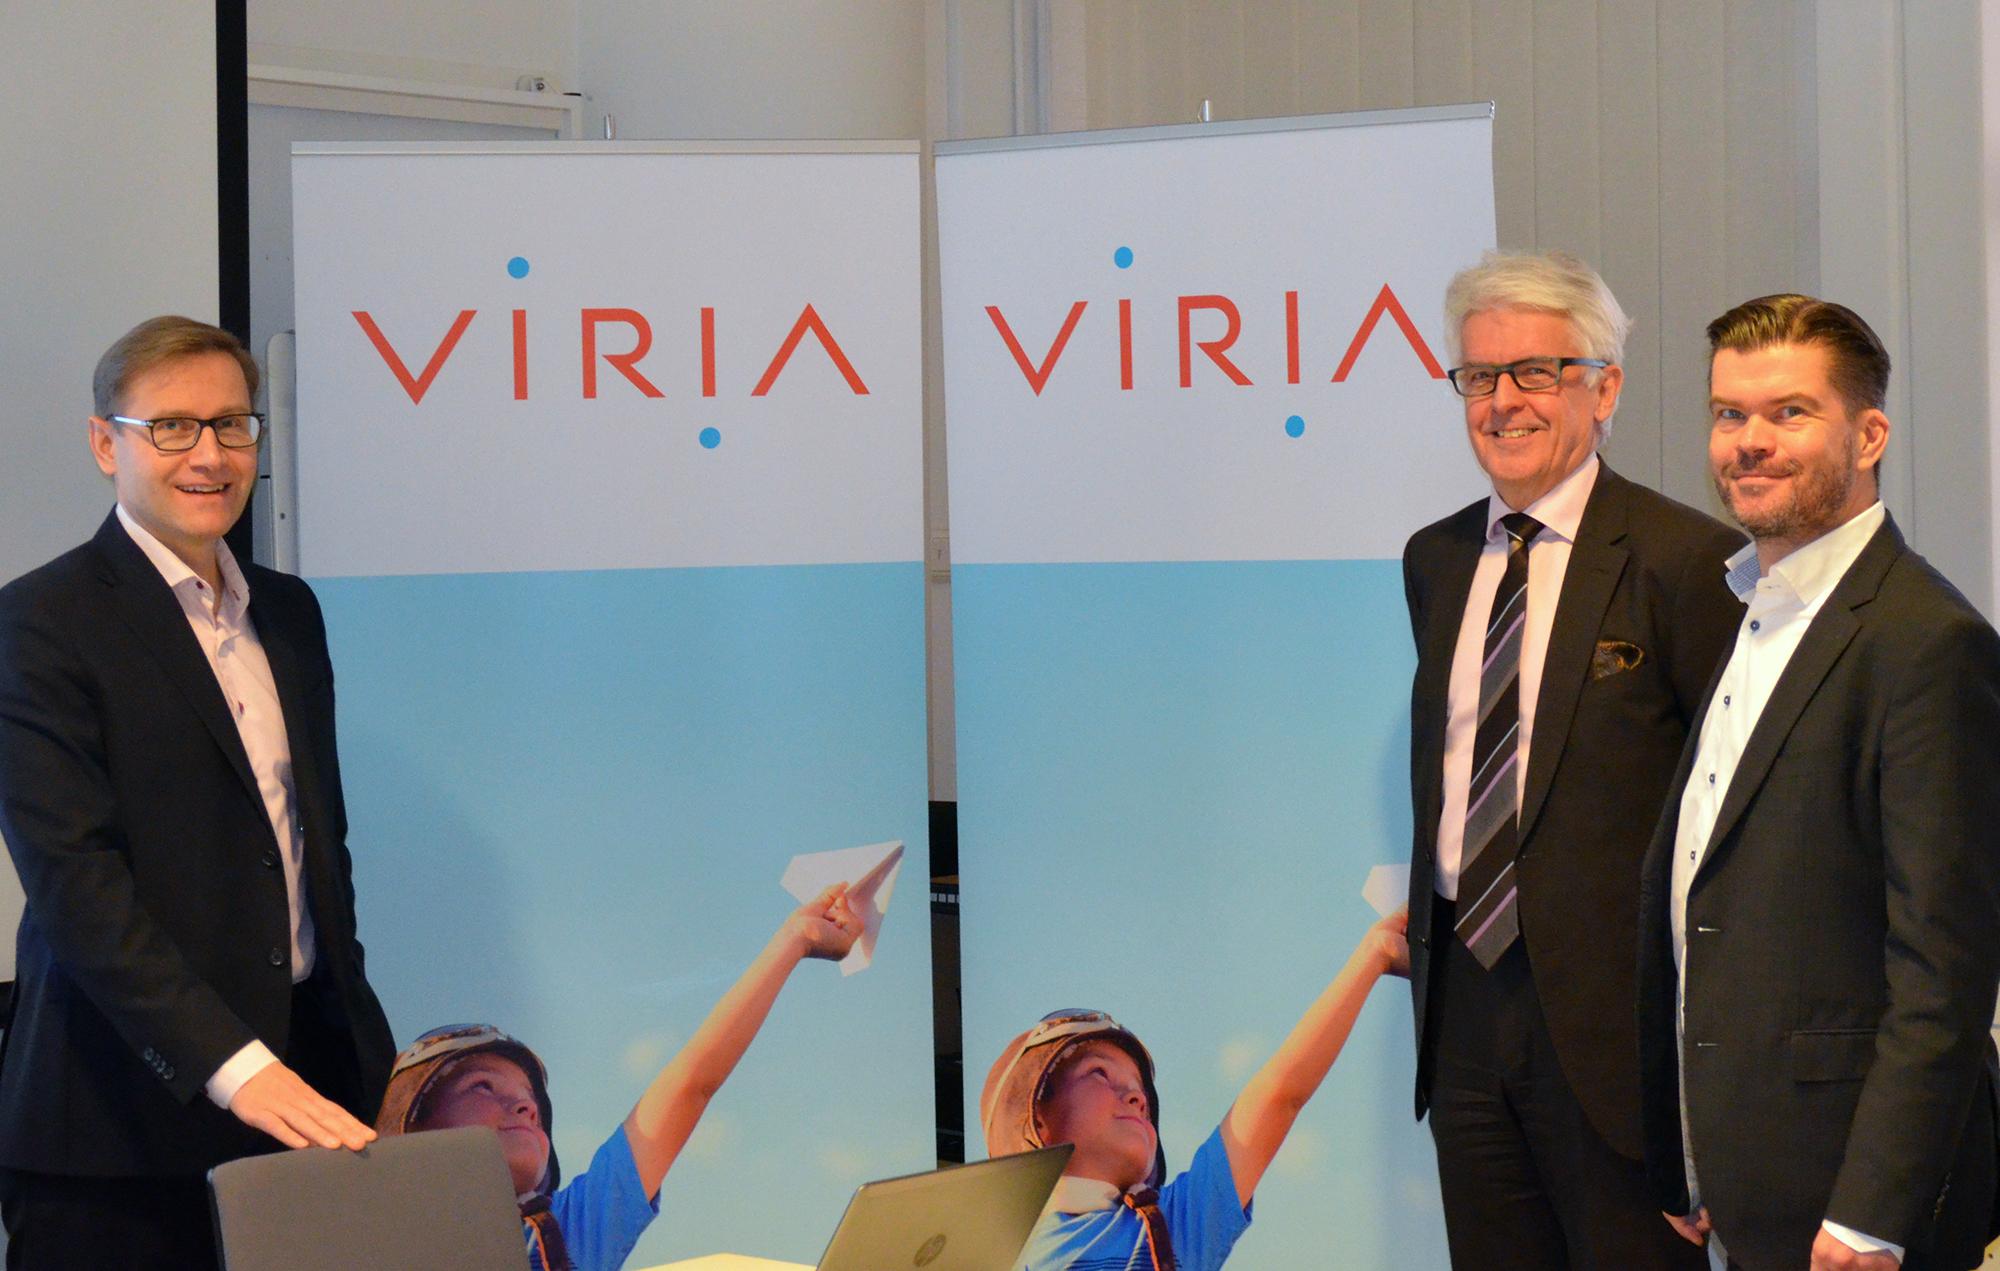 Viria siktar på att bli en föregångare inom säkerhets- och nätlösningar samt informationsadministration